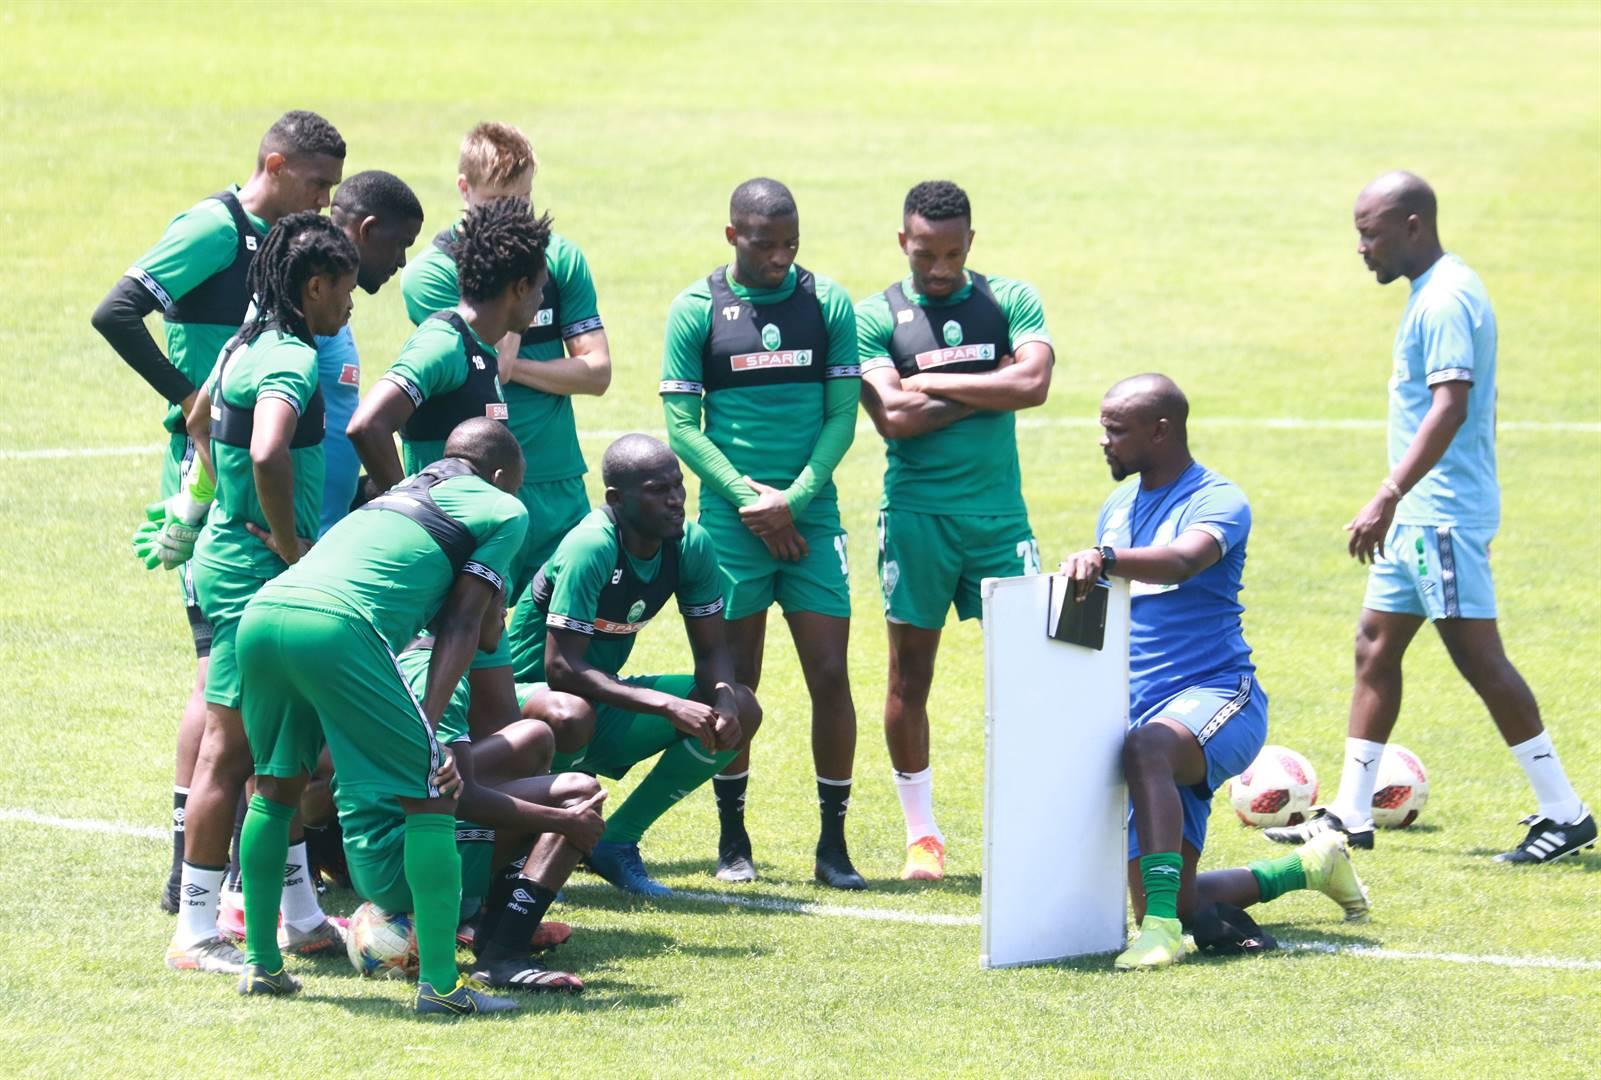 Ayanda Dlamini during the AmaZulu FC training session at King Zwelithini Stadium on October 22 in DurbanPicture: Anesh Debiky / Gallo Images